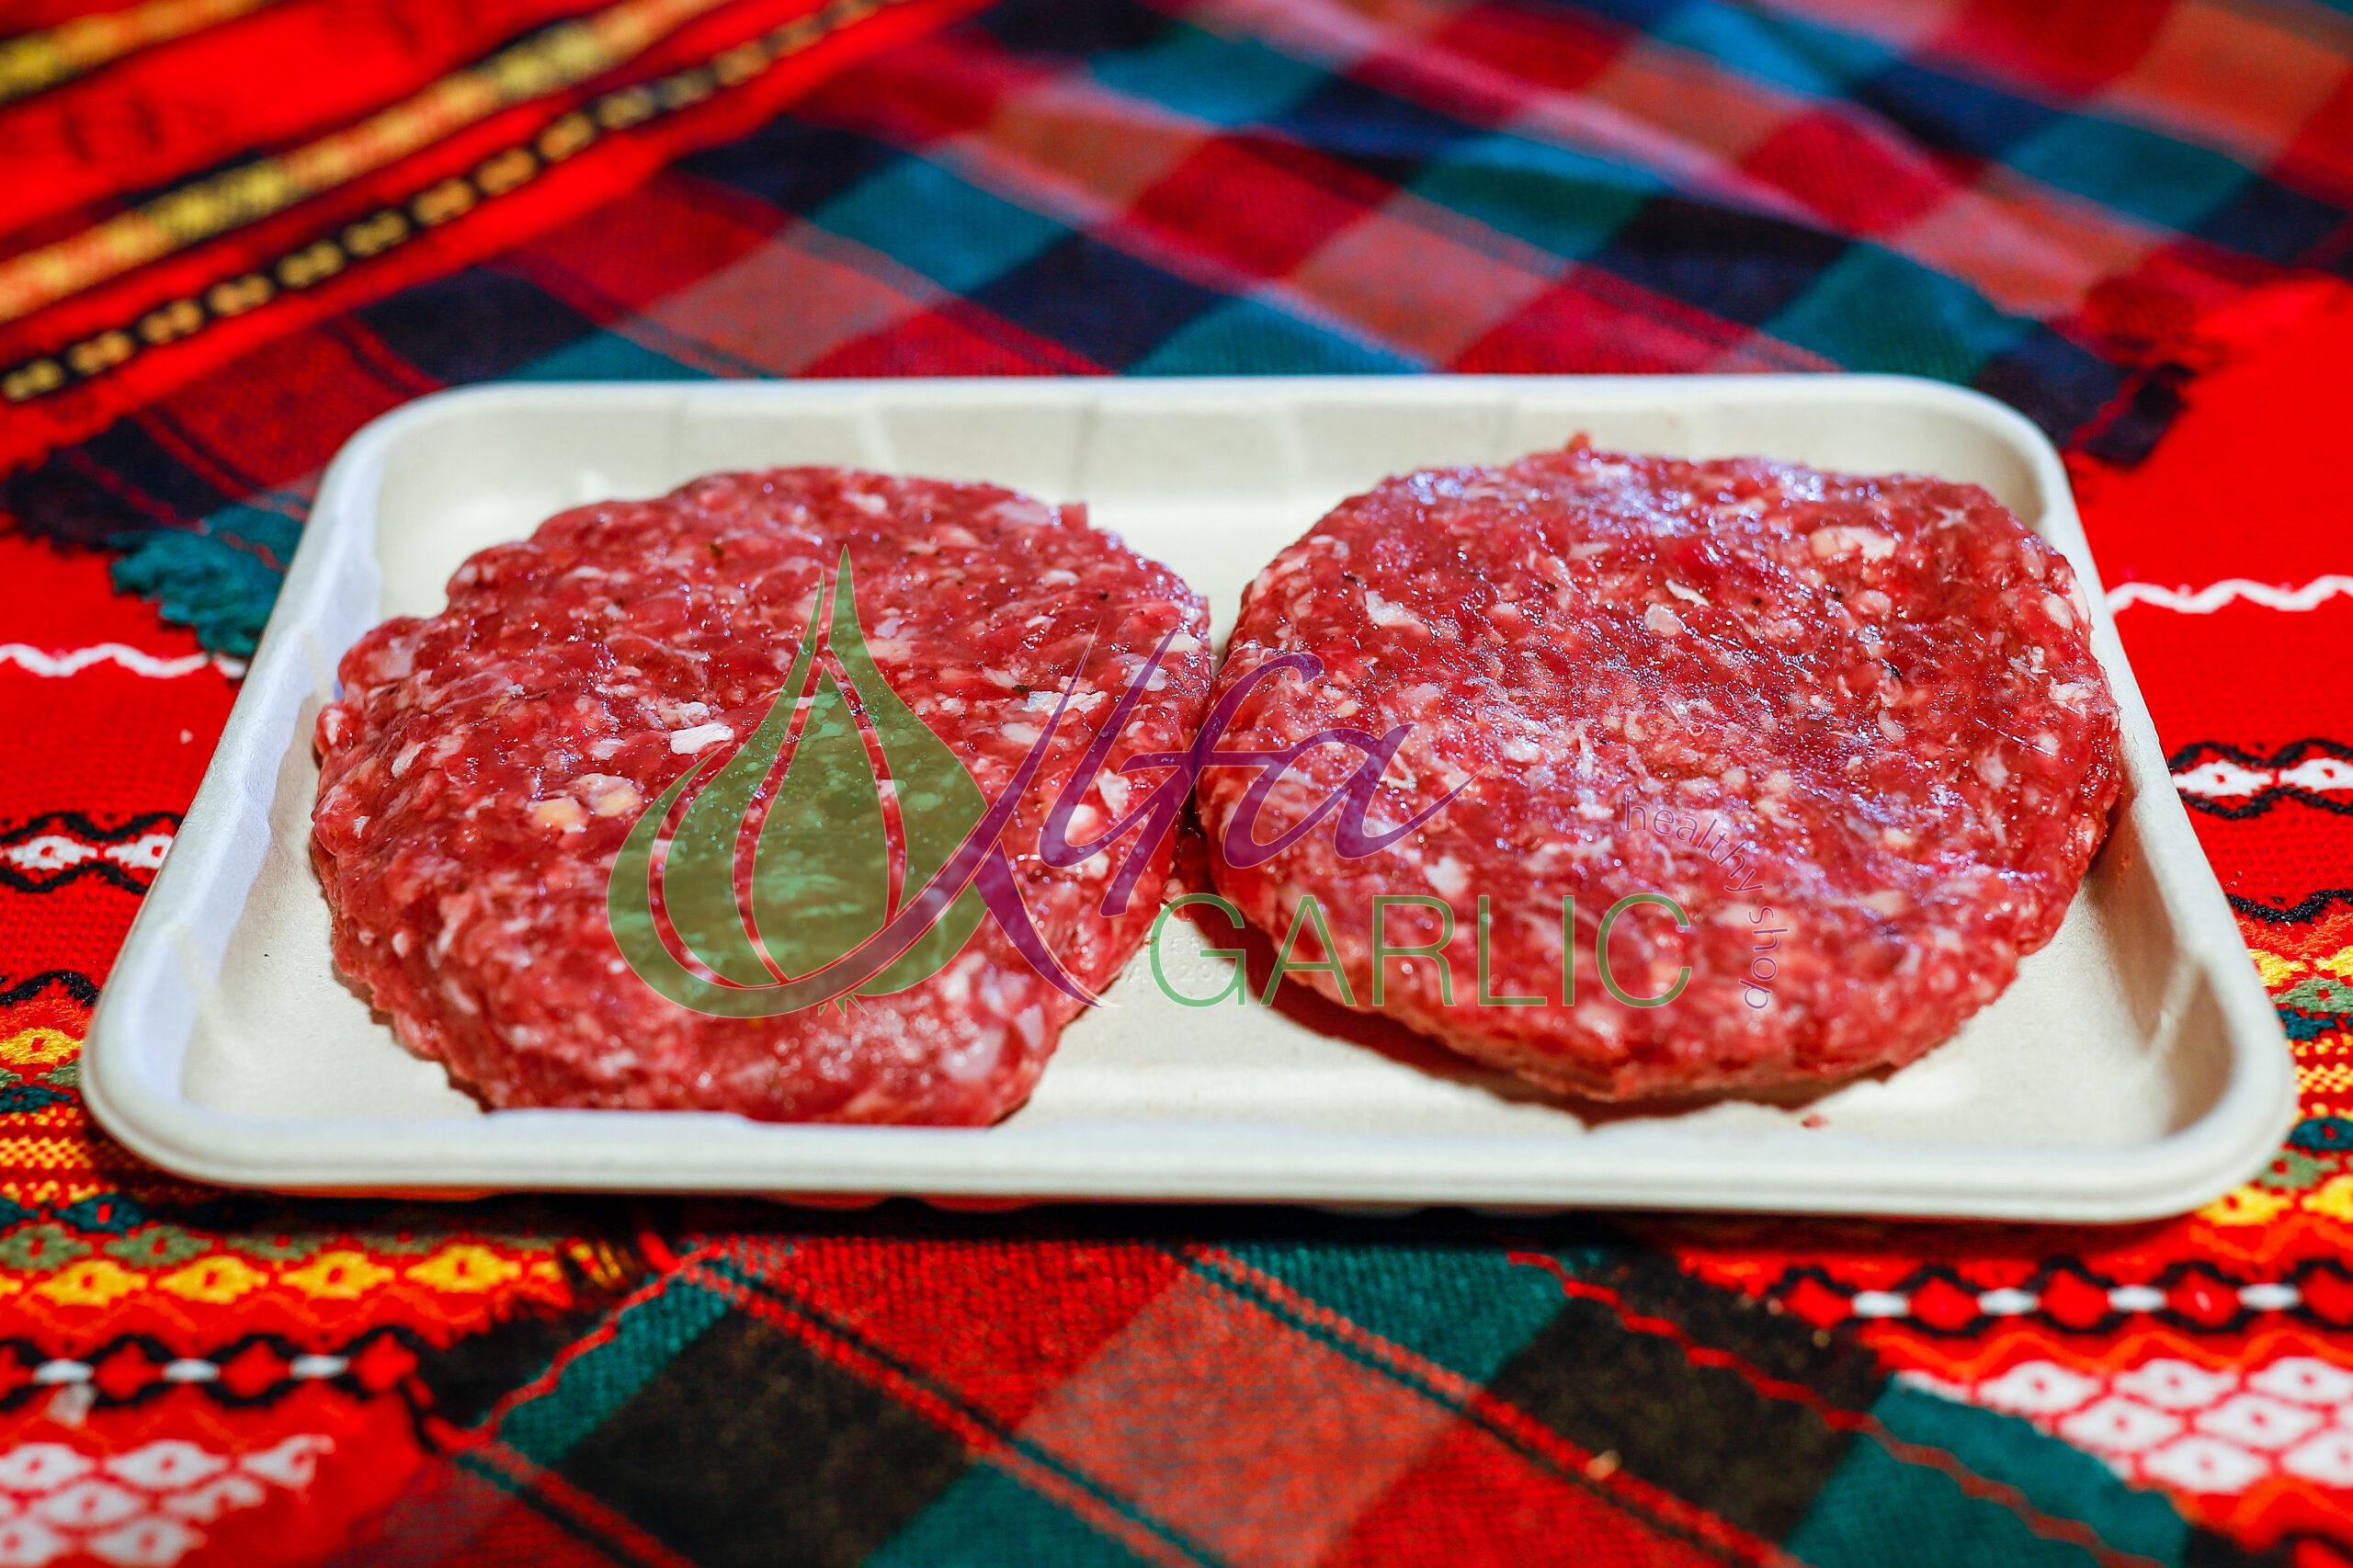 Кълцано месо, Бургер, Телешки бургер, Охладено месо